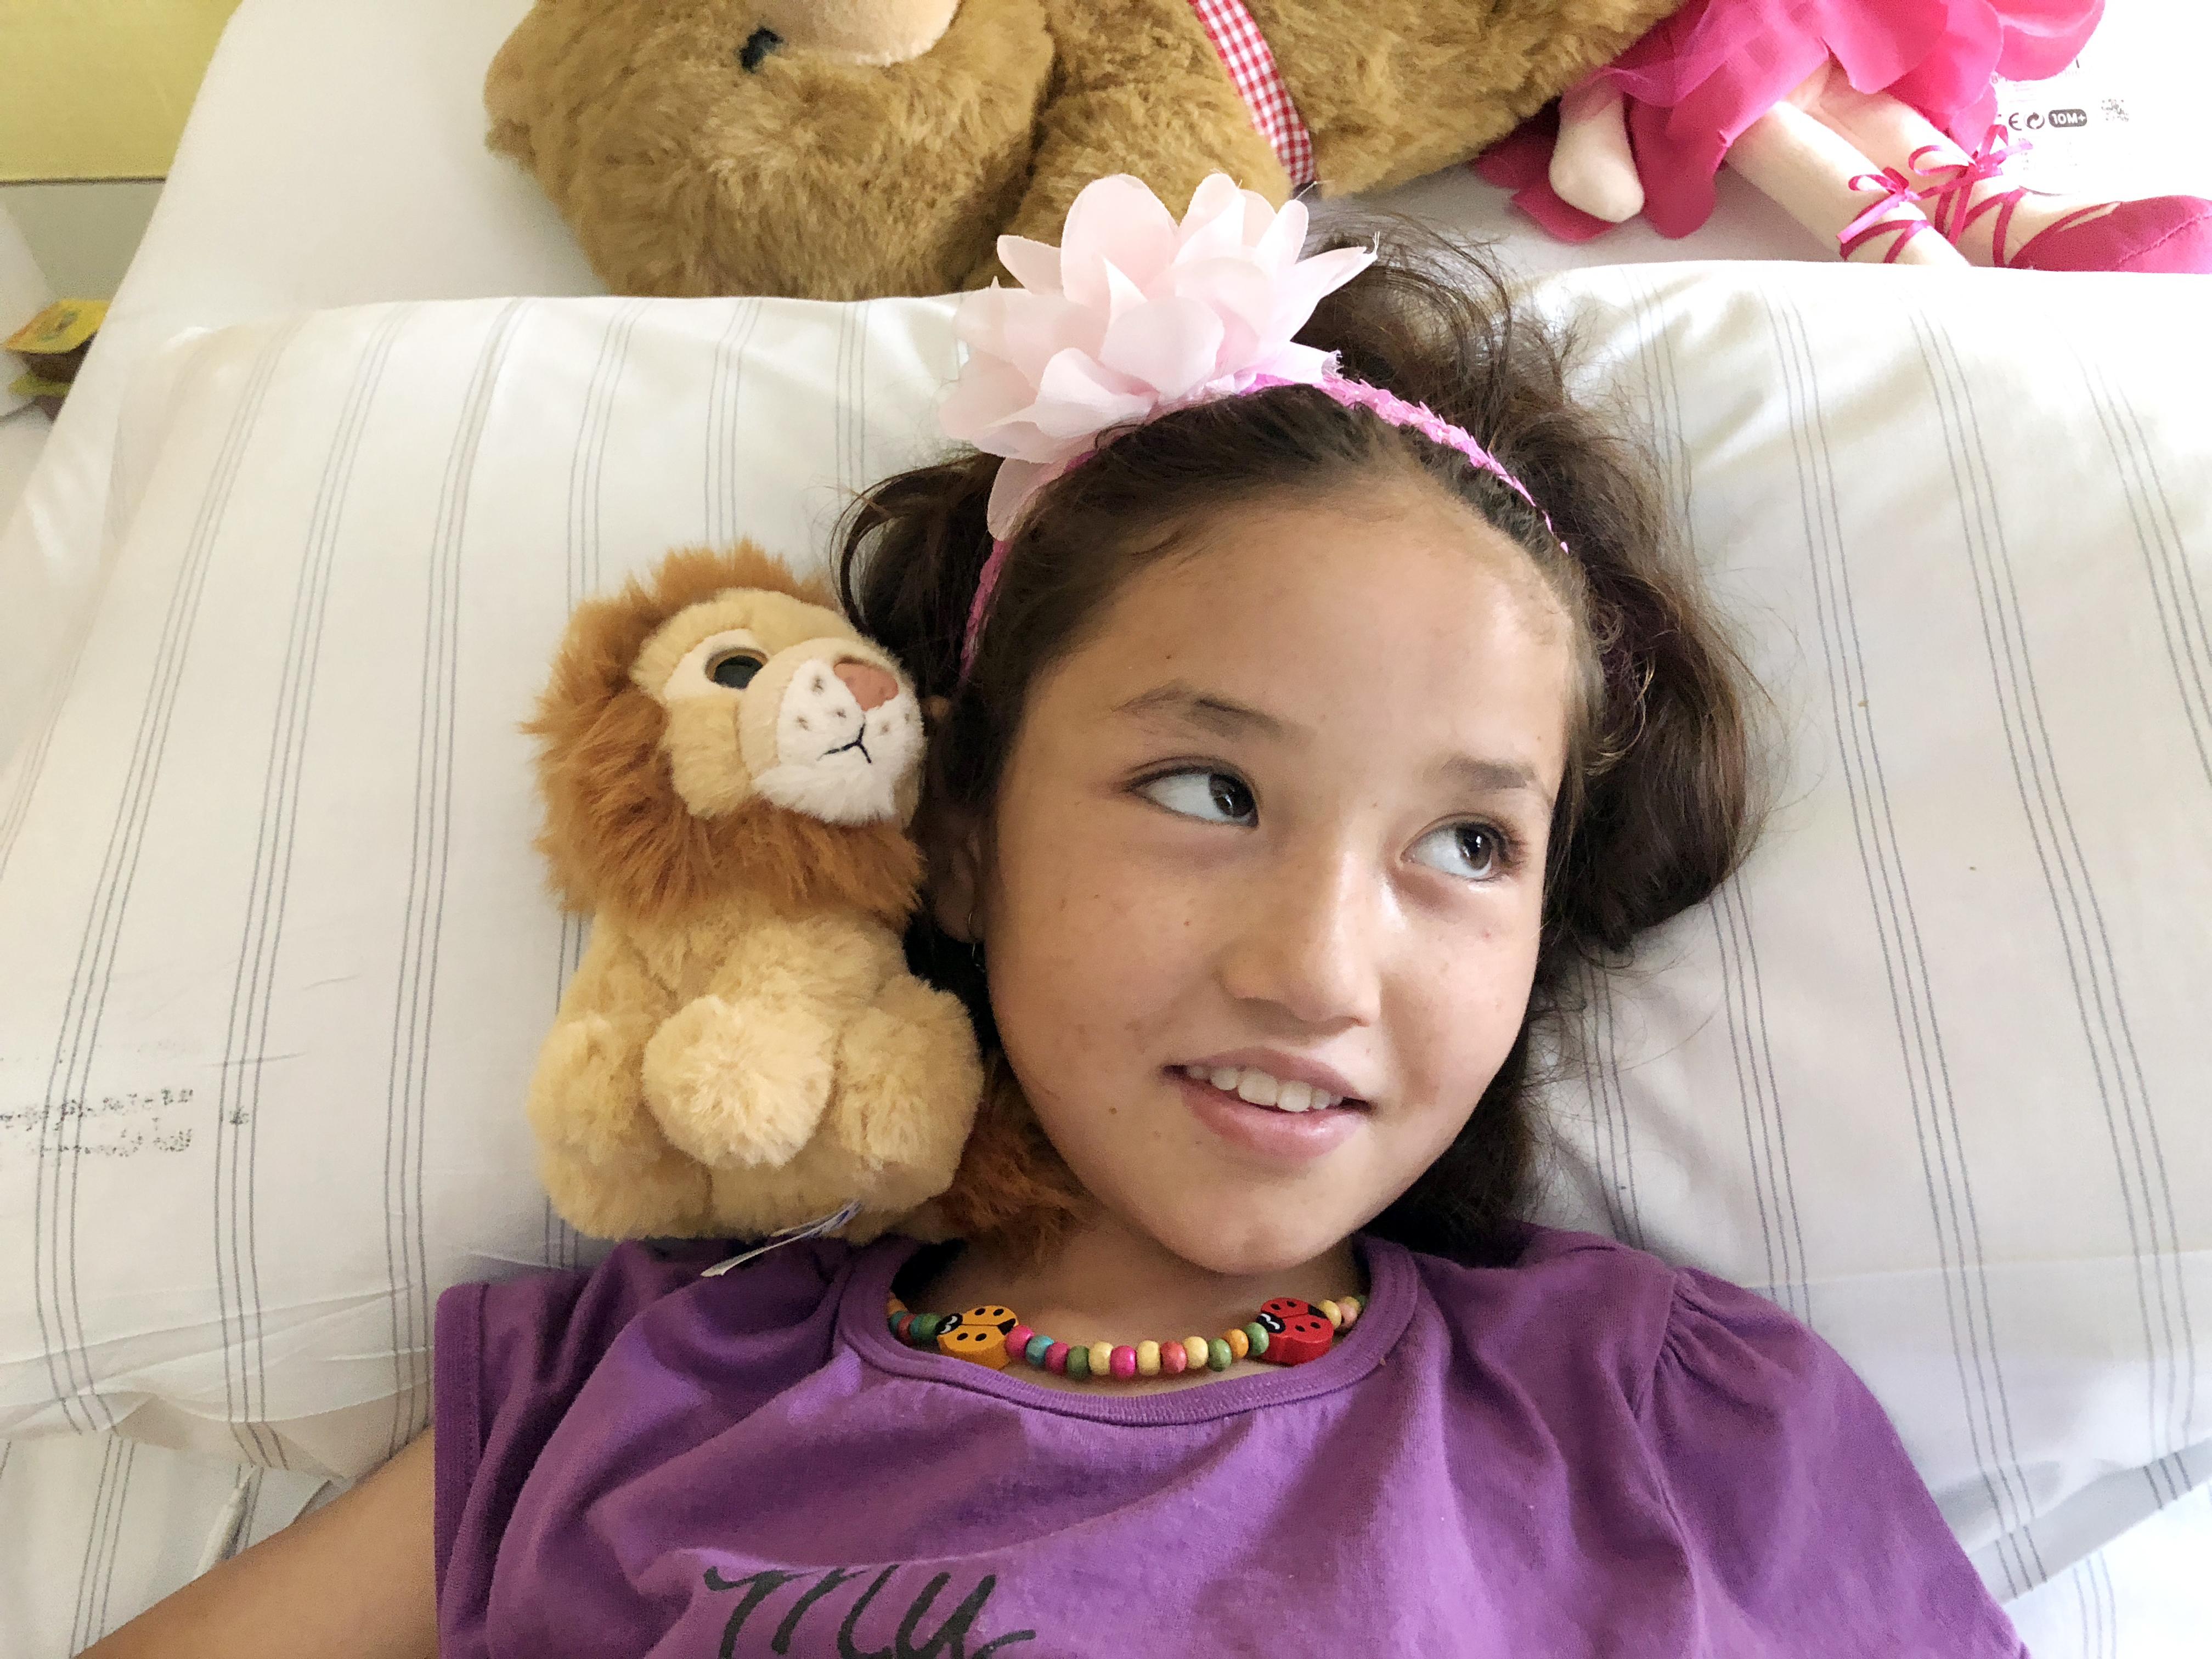 Tapferes Mädchen in fremder Umgebung: Roqaya aus Kabul ist in der Dortmunder Kinderklinik fünf Stunden lang an Hüfte und Becken operiert wiorden. Foto: Bandermann, Ruhrnachrichten Dortmund